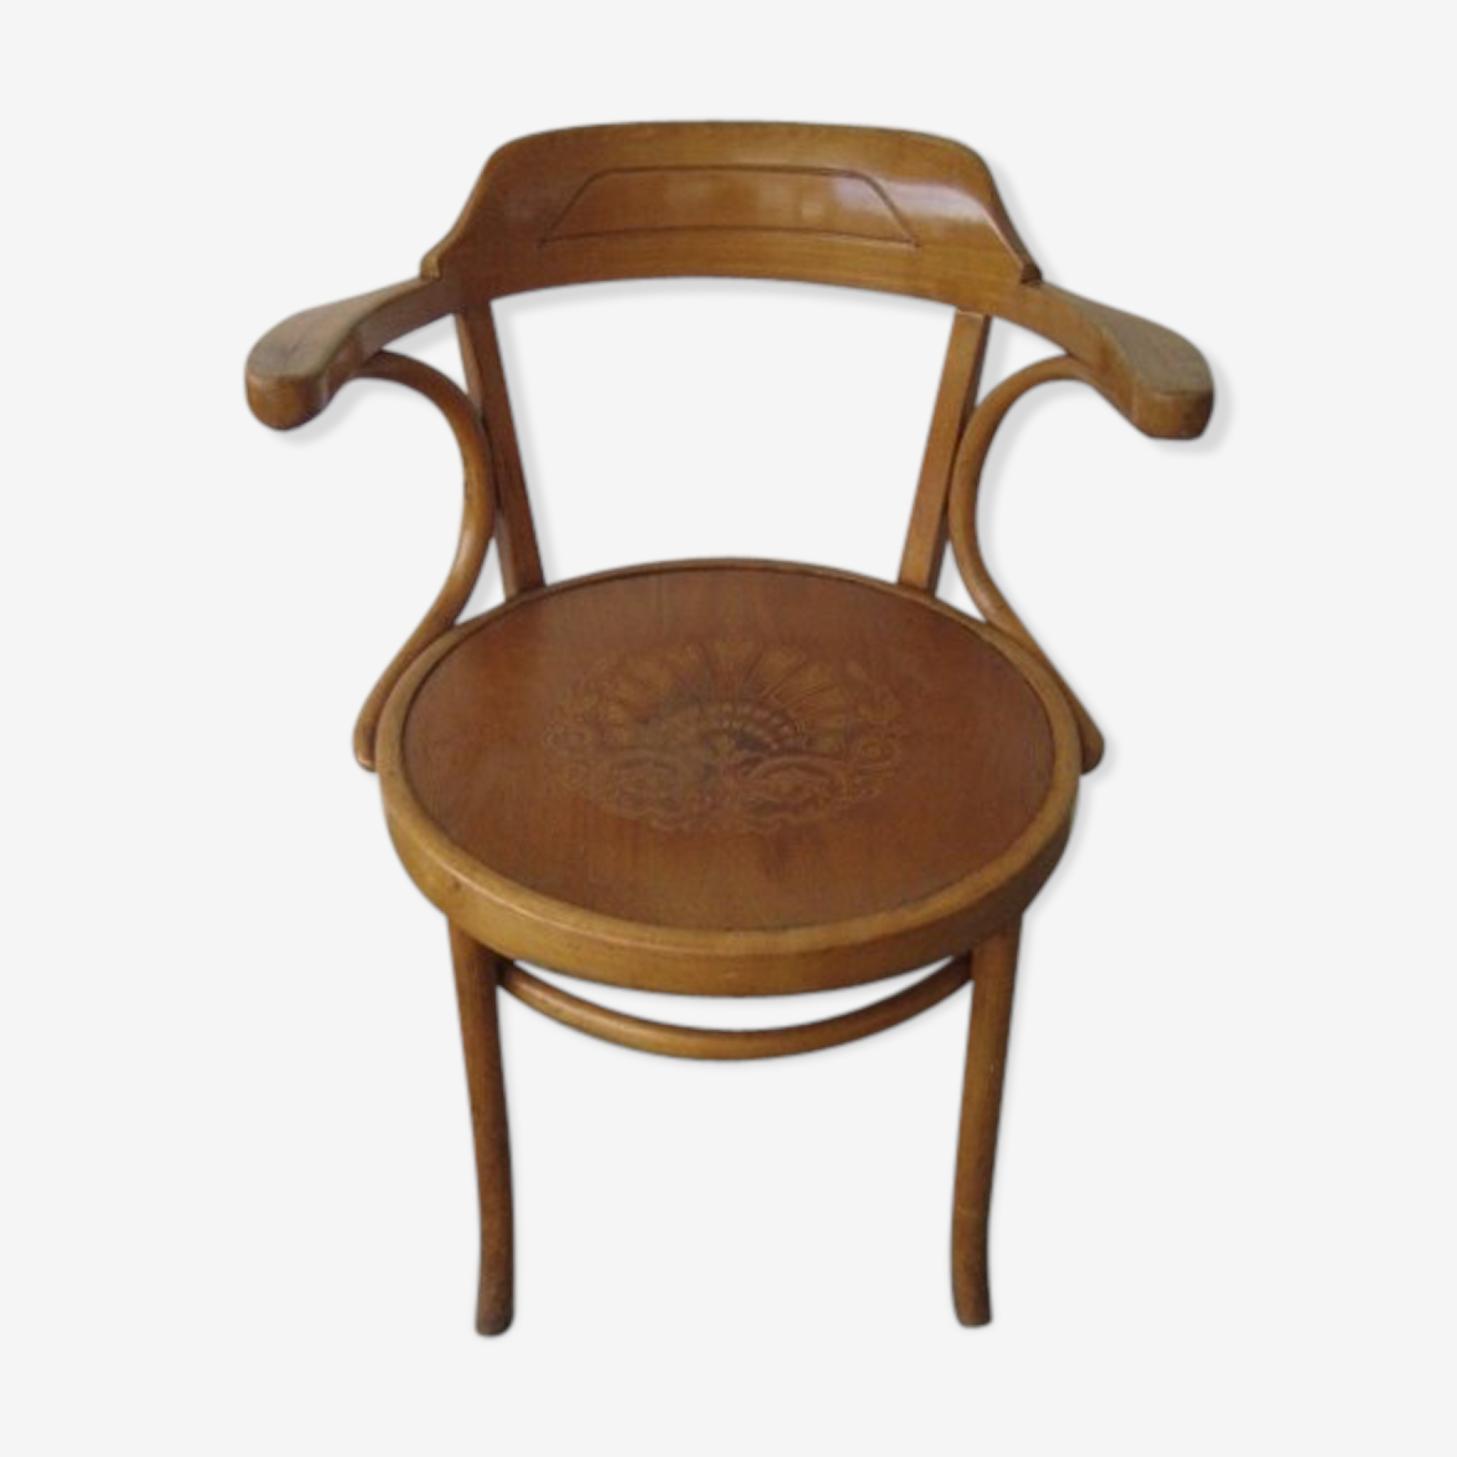 Chaise en hêtre avec accoudoirs et imprimer sur siège Luterma